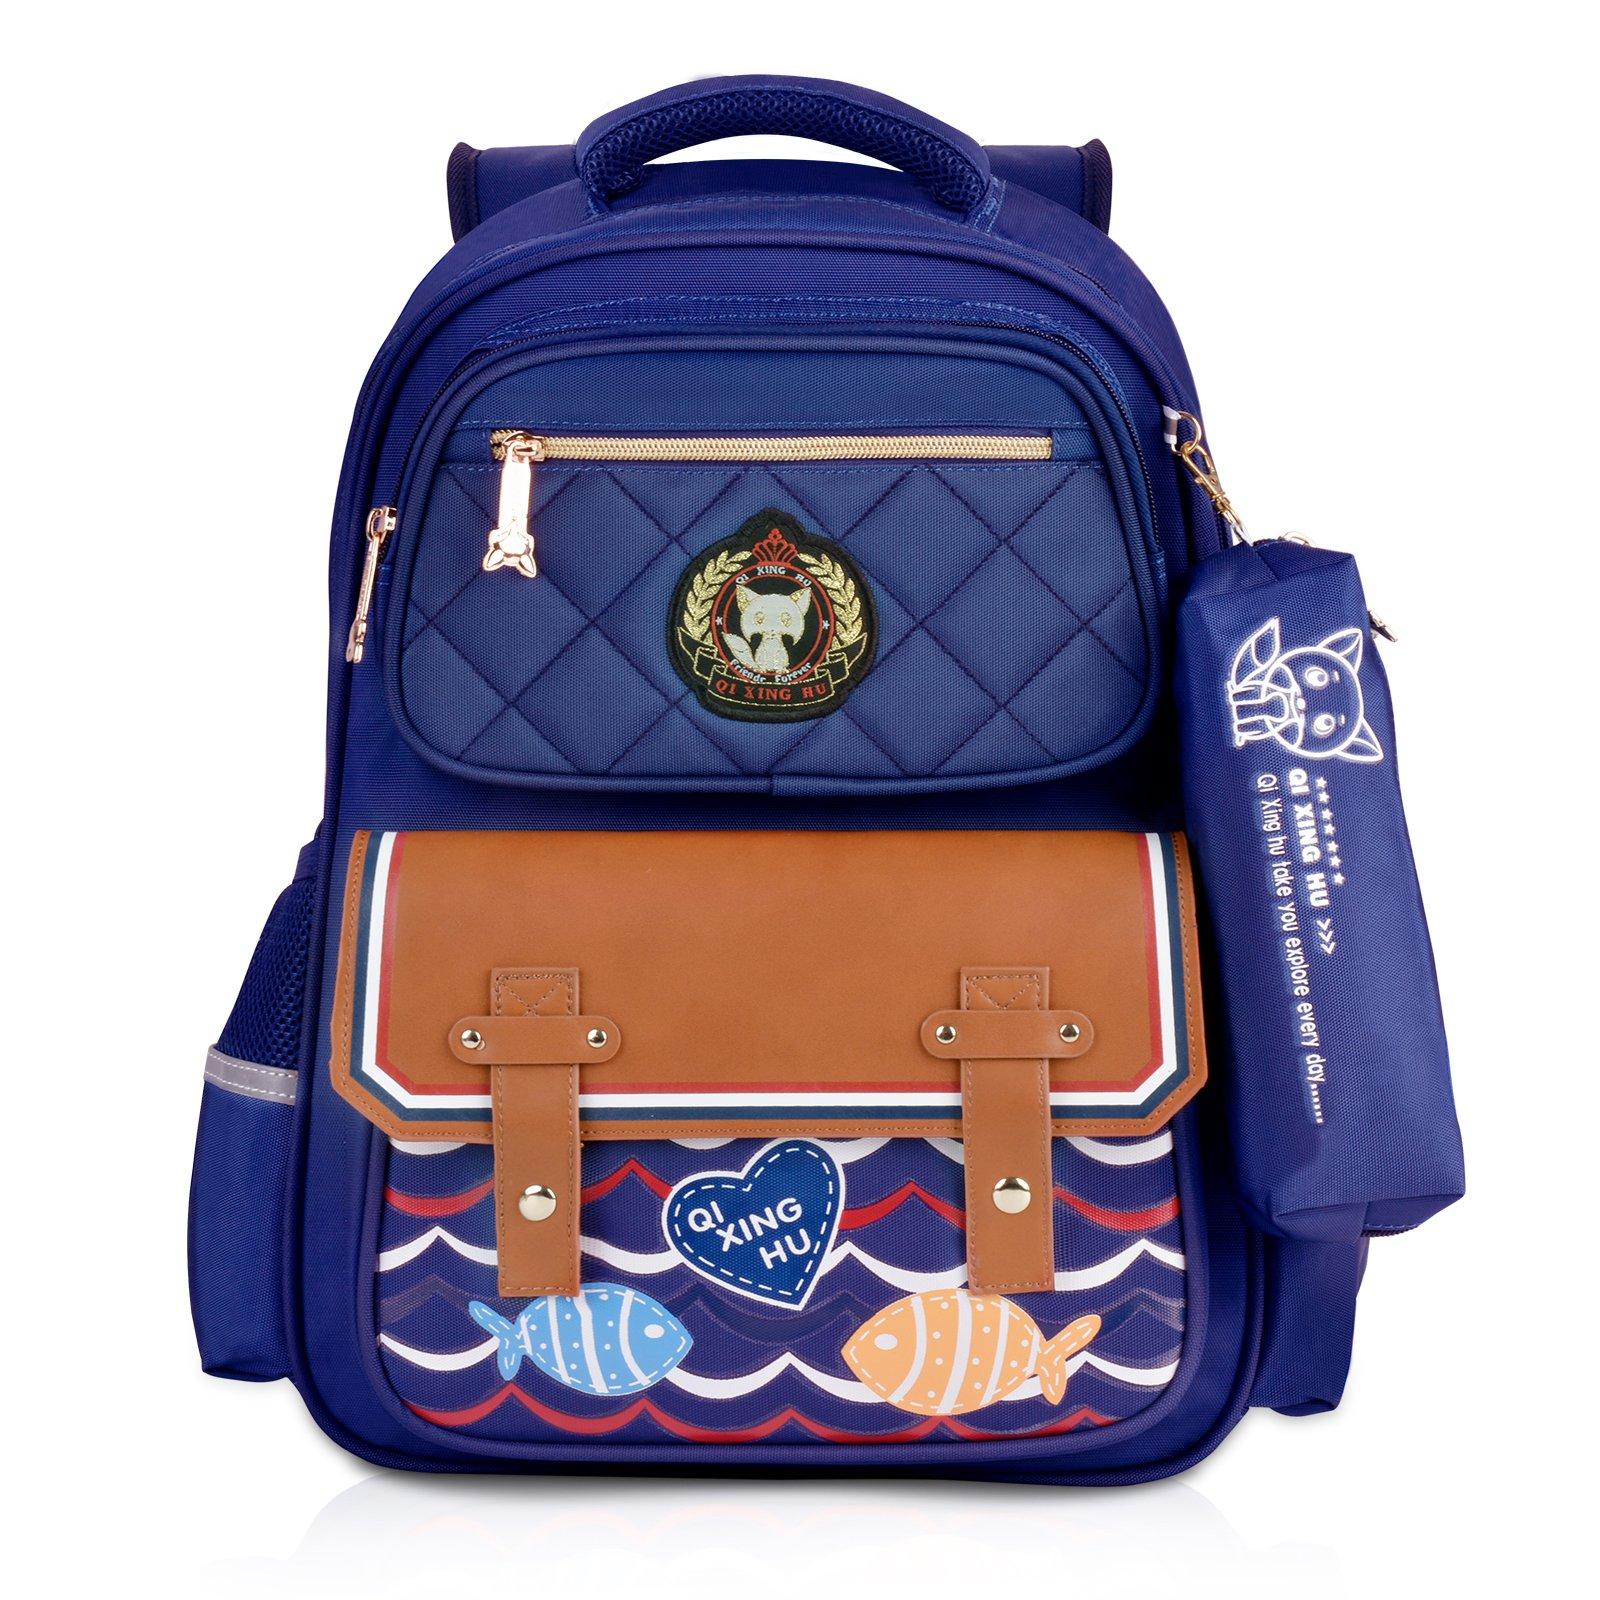 Boys Backpacks, Bageek Backpacks for School Backpack Kid School Bags for Boys Childrens Backpack by Bageek (Image #1)